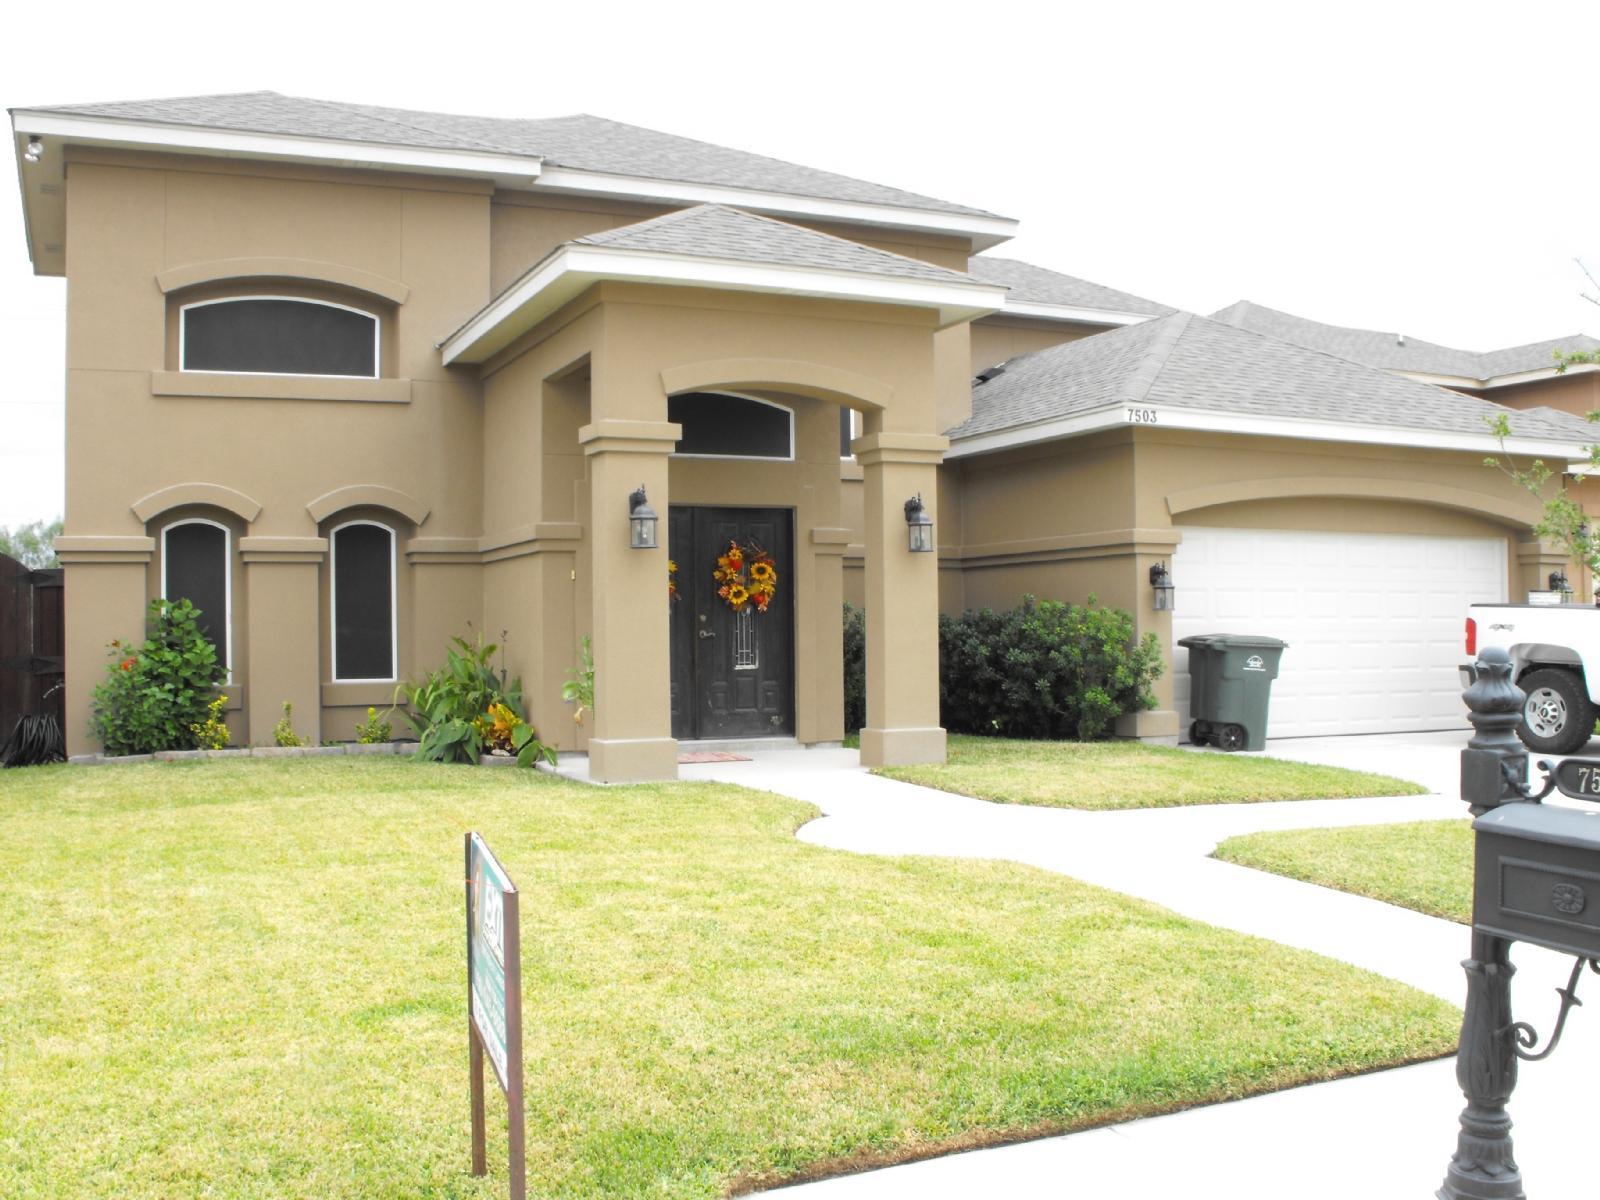 7503 Alejandra Laredo Tx 78041 Single Family Home 12 Photos